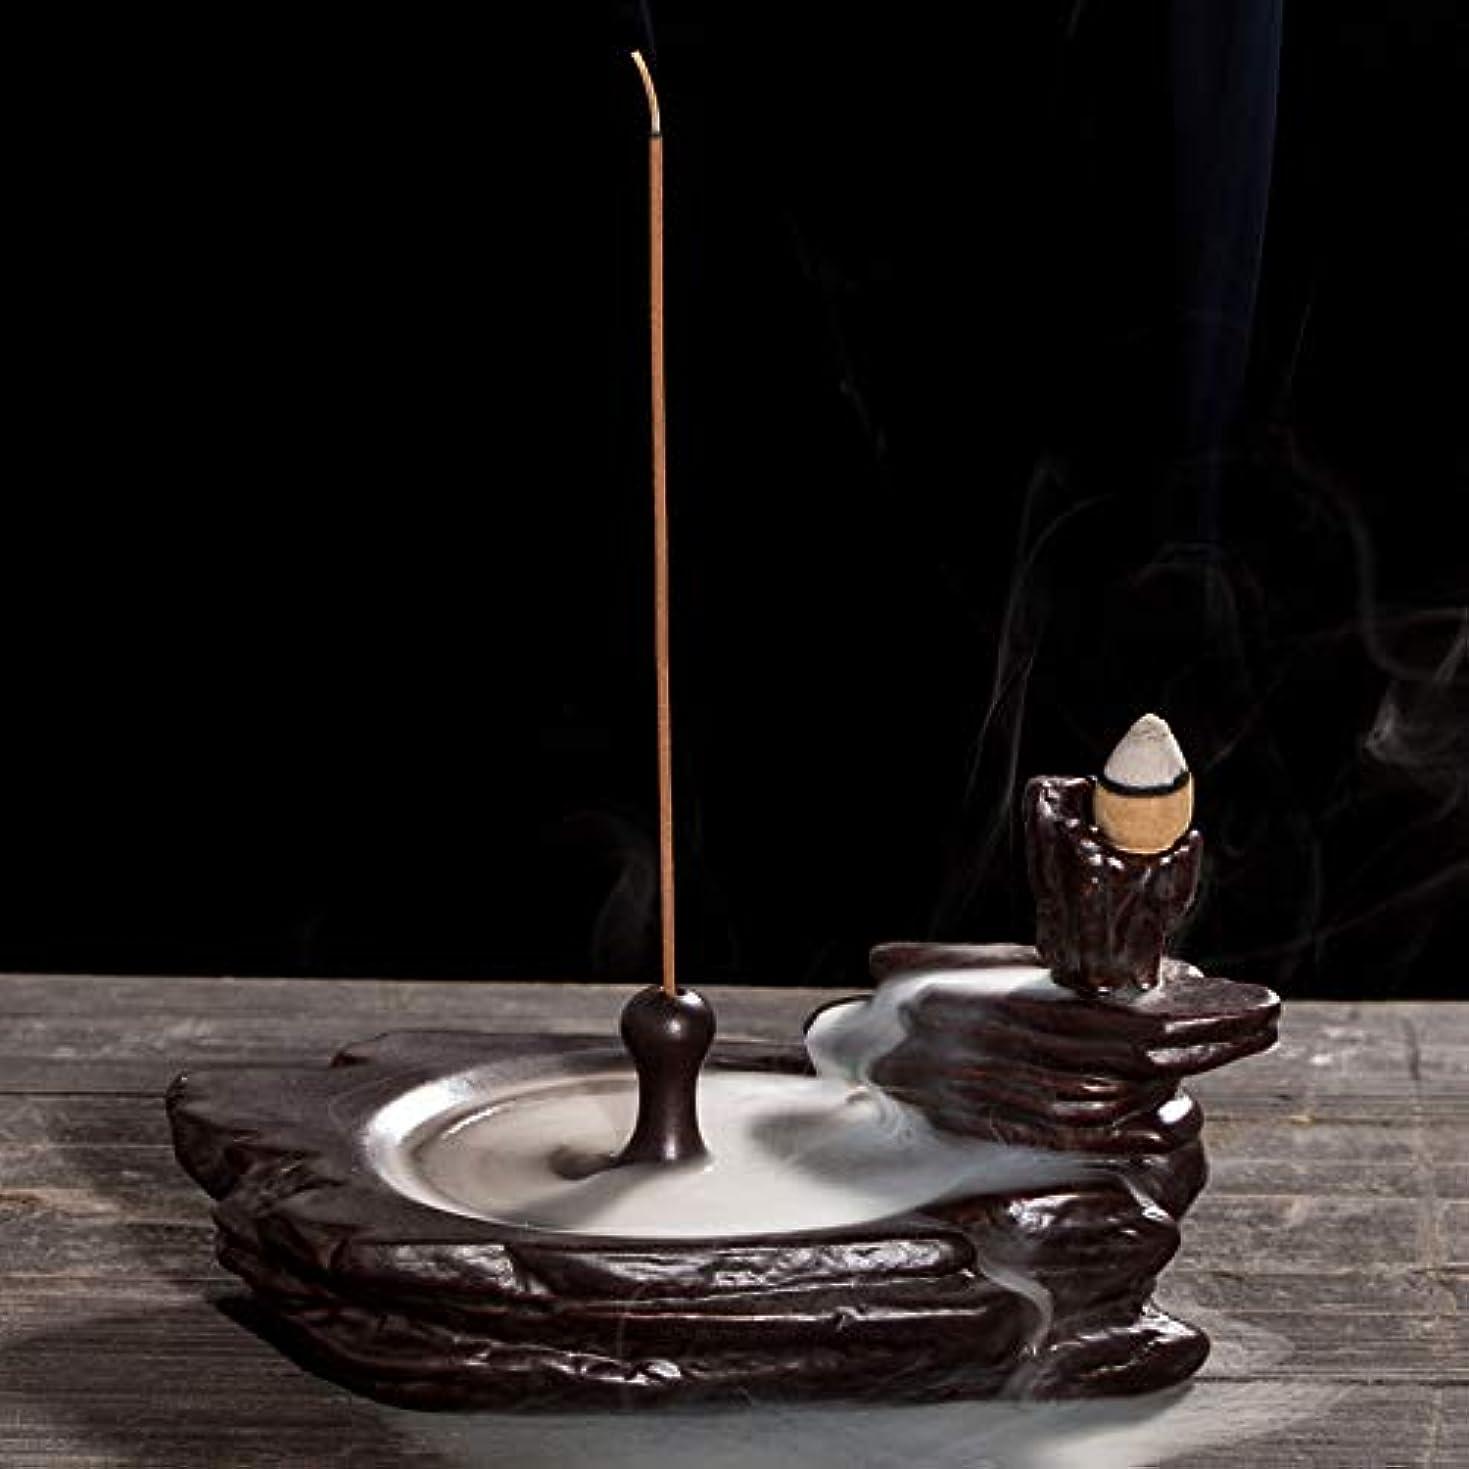 解釈的均等に枢機卿リフロー香炉ホームオフィス装飾香スティックフレーム還流香炉16.5 * 9 cmに適したセラミック香炉ブラケット